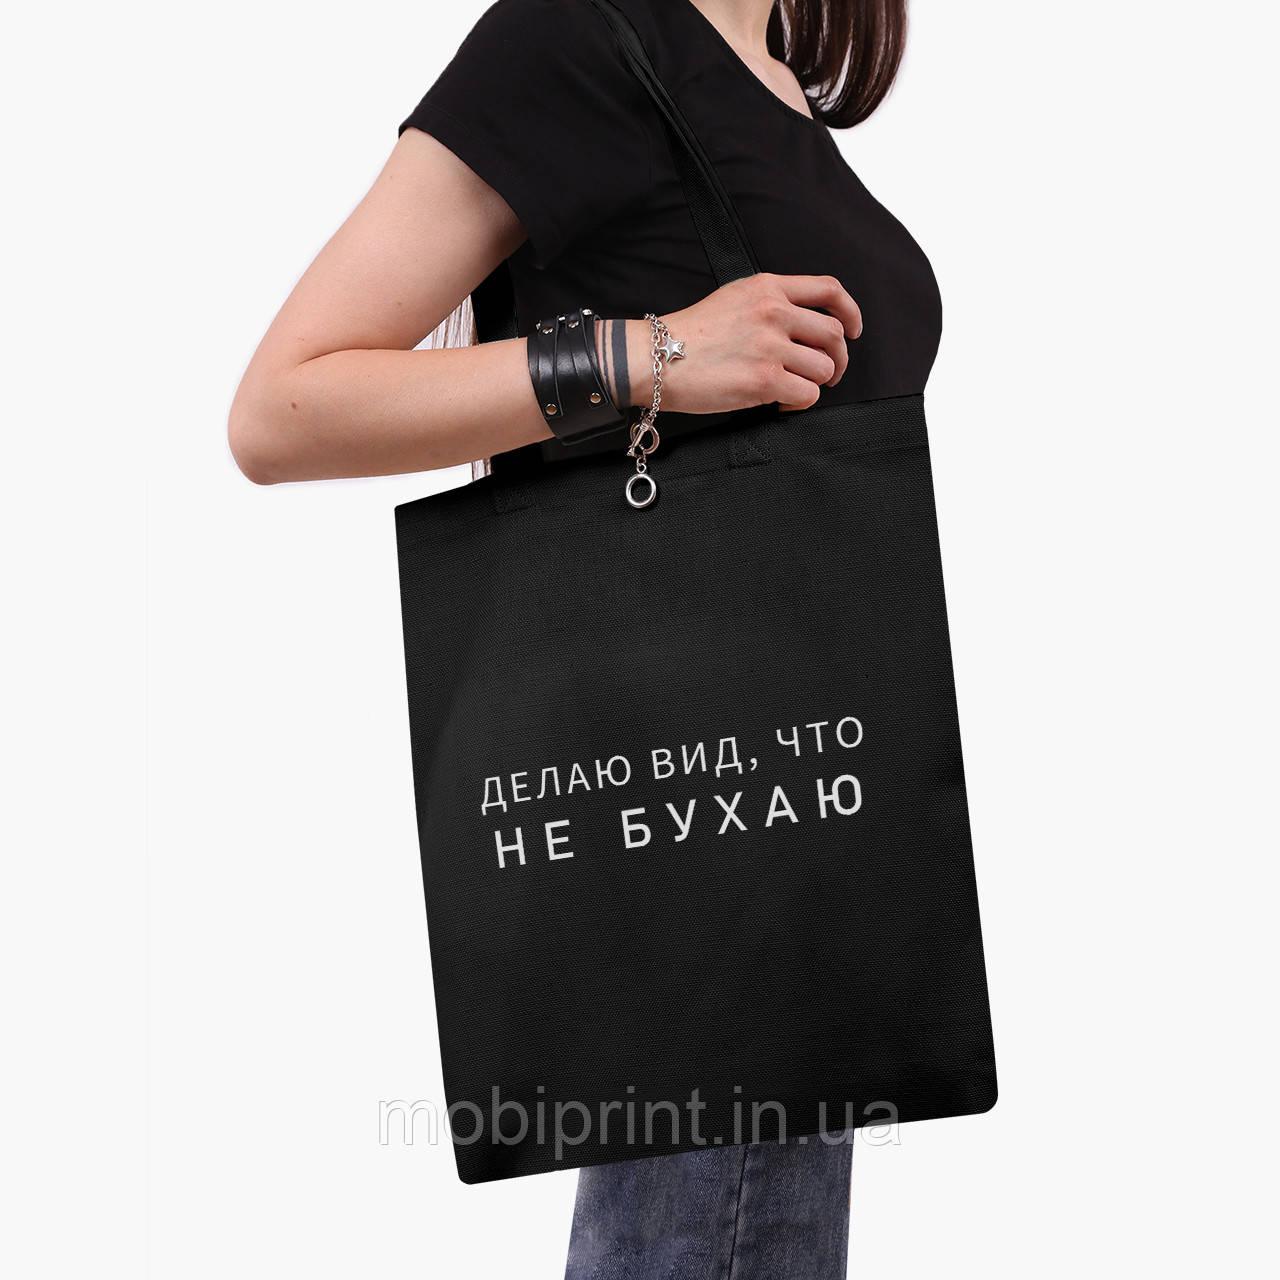 Еко сумка шоппер чорна Не бухають (I do not drink) (9227-1810-2) экосумка шопер 41*35 см